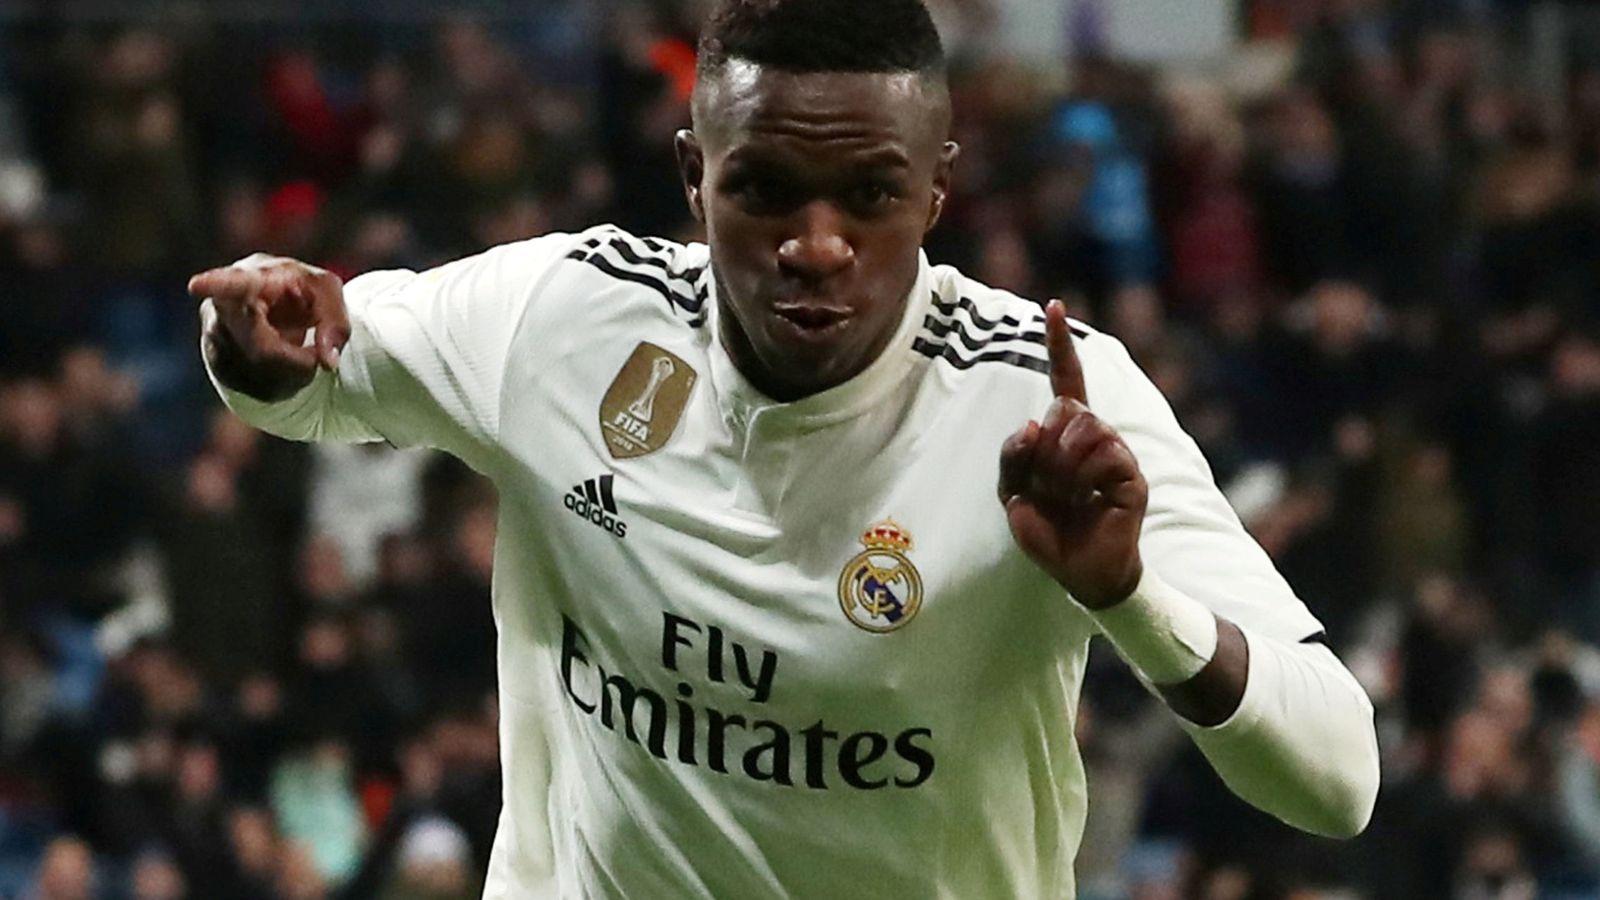 Foto: Vinicius Junior celebra un gol en Copa del Rey con el Real Madrid. (EFE)